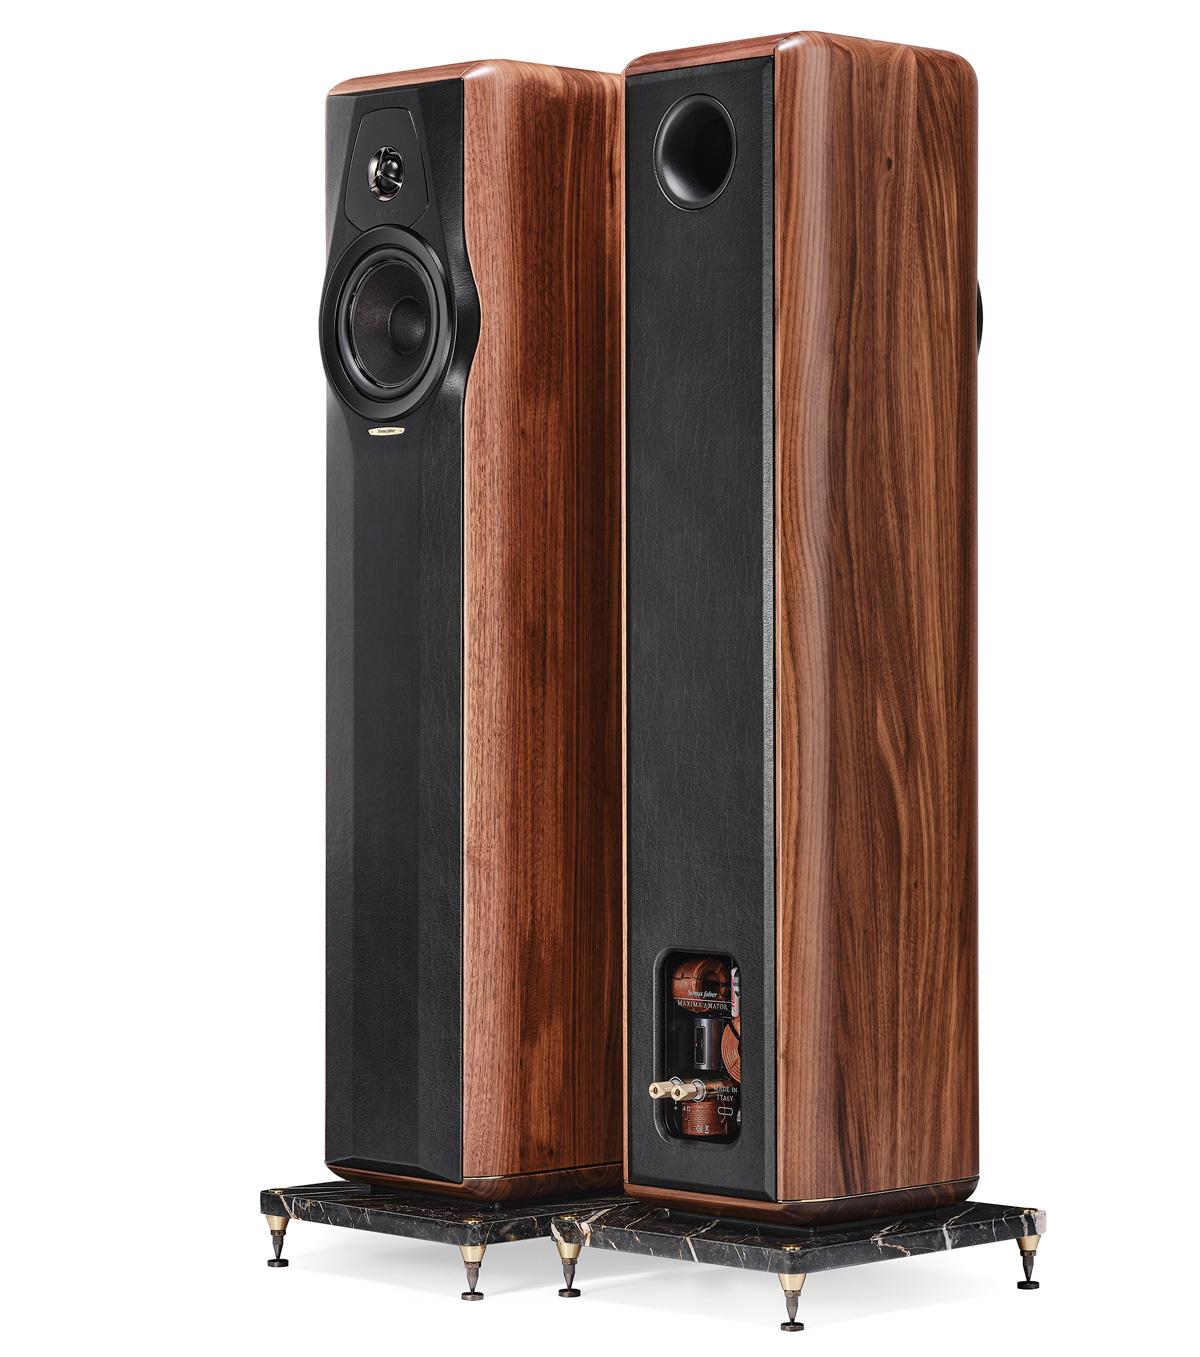 Sonus faber Audio Venue